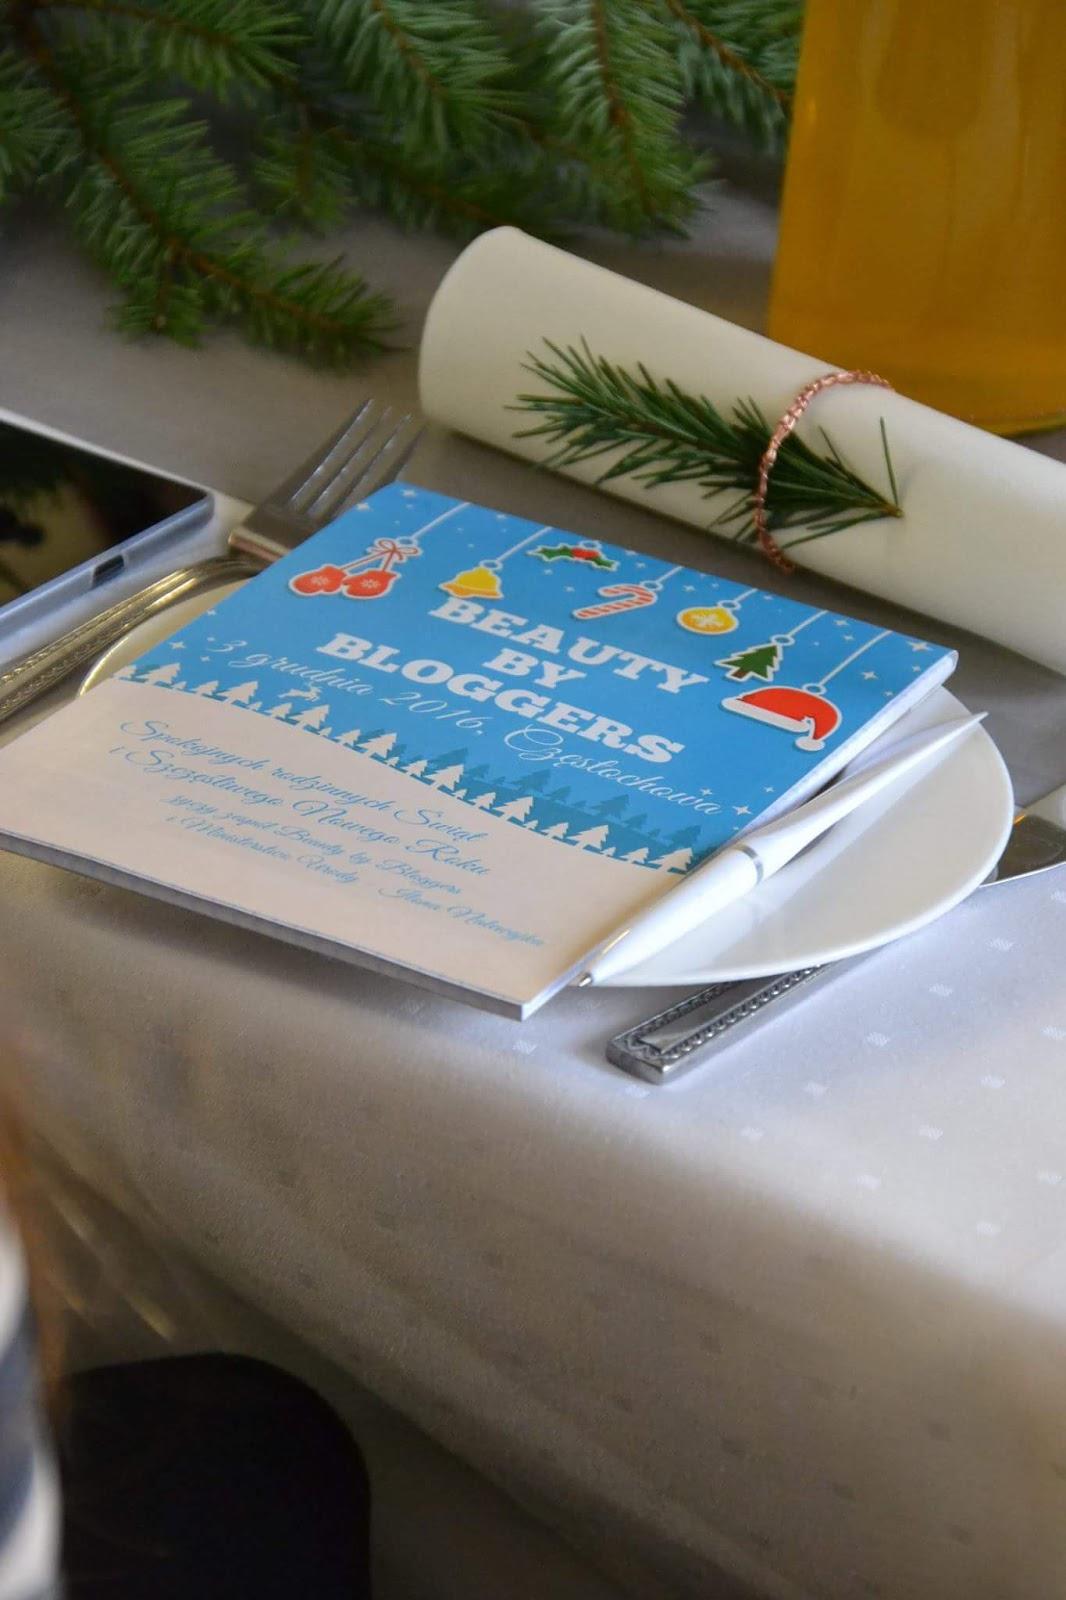 Beauty by Bloggers II - czyli świąteczna edycja spotkania blogerek w Częstochowie